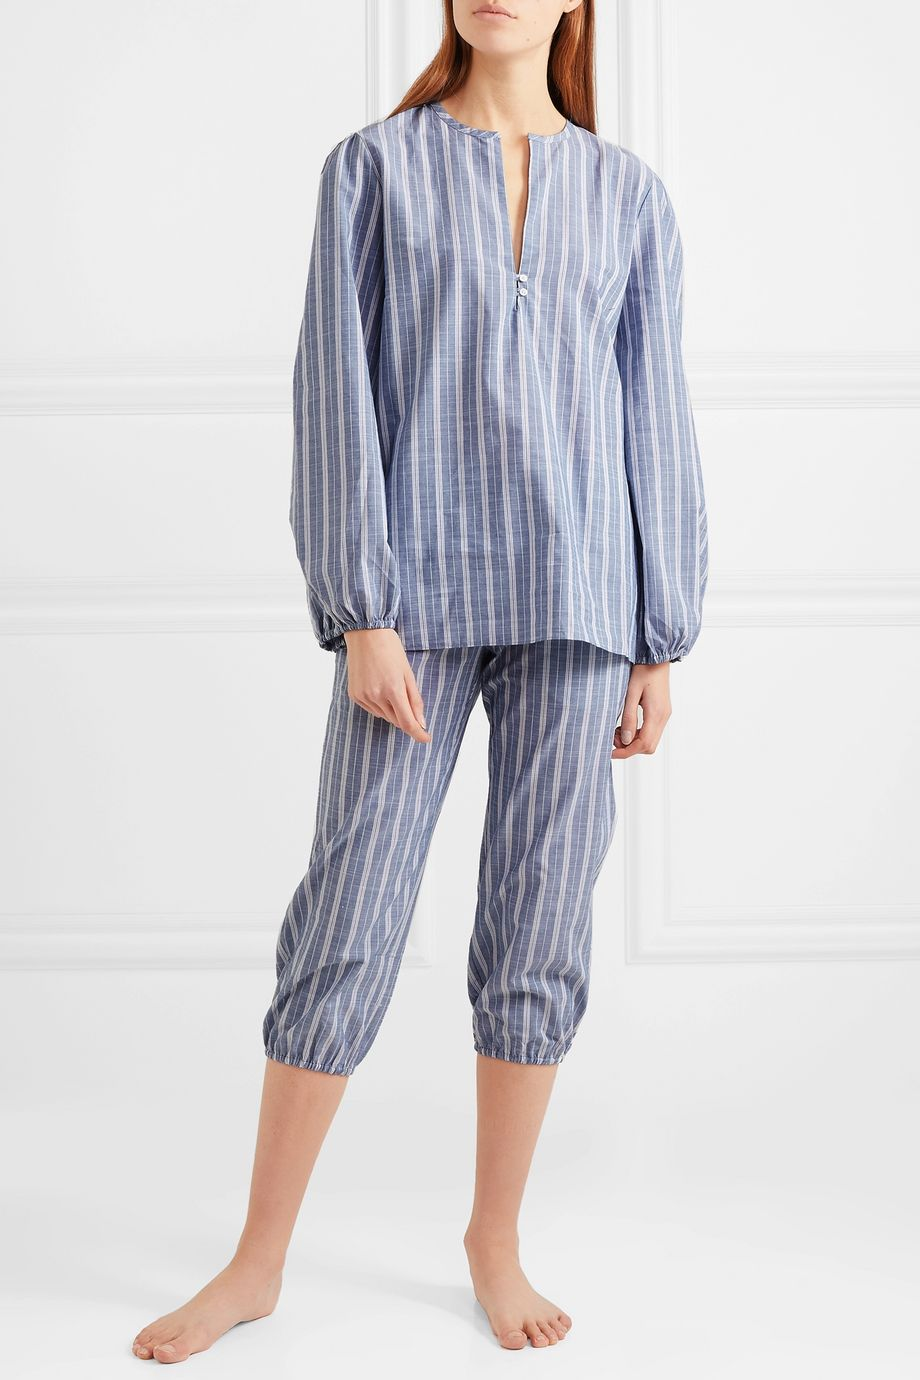 Three J NYC Striped cotton pajama set